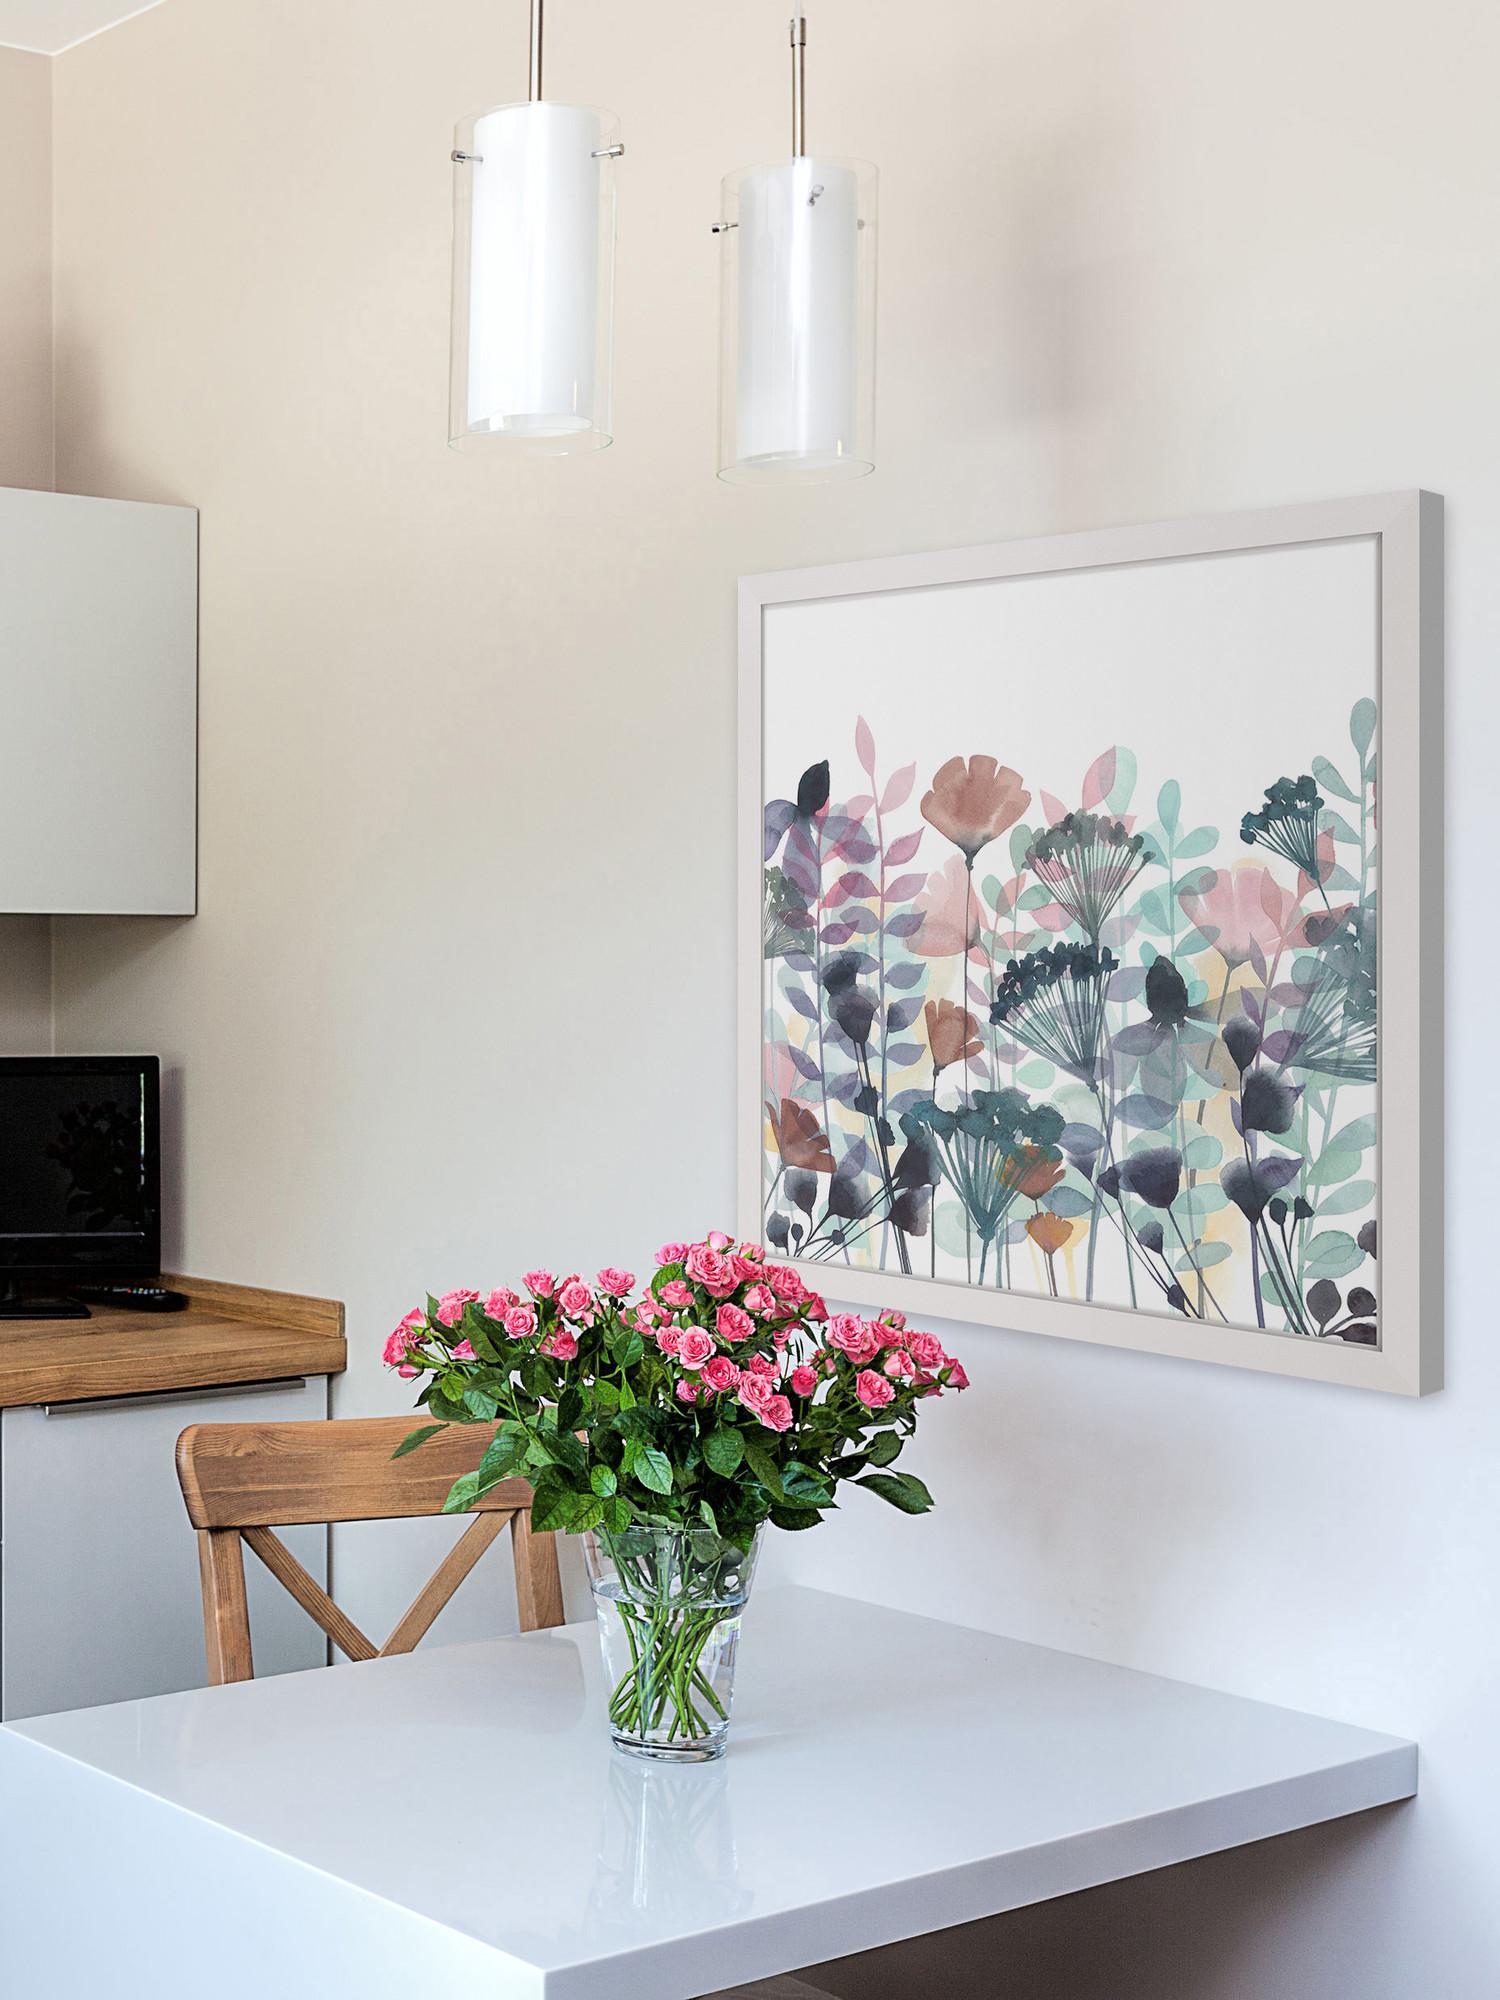 Tranh in canvas khung hoa trừu tượng trang trí bàn ăn hiện đại